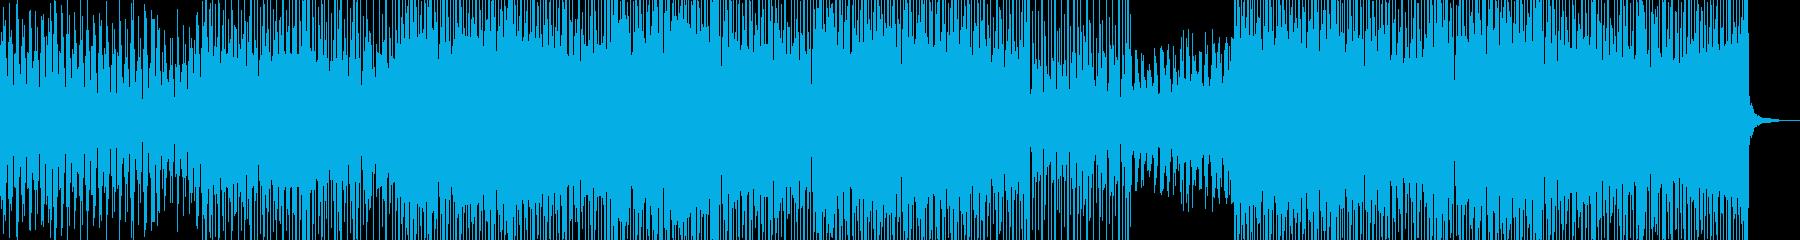 【レトロ】90年代レトロサウンド_03の再生済みの波形